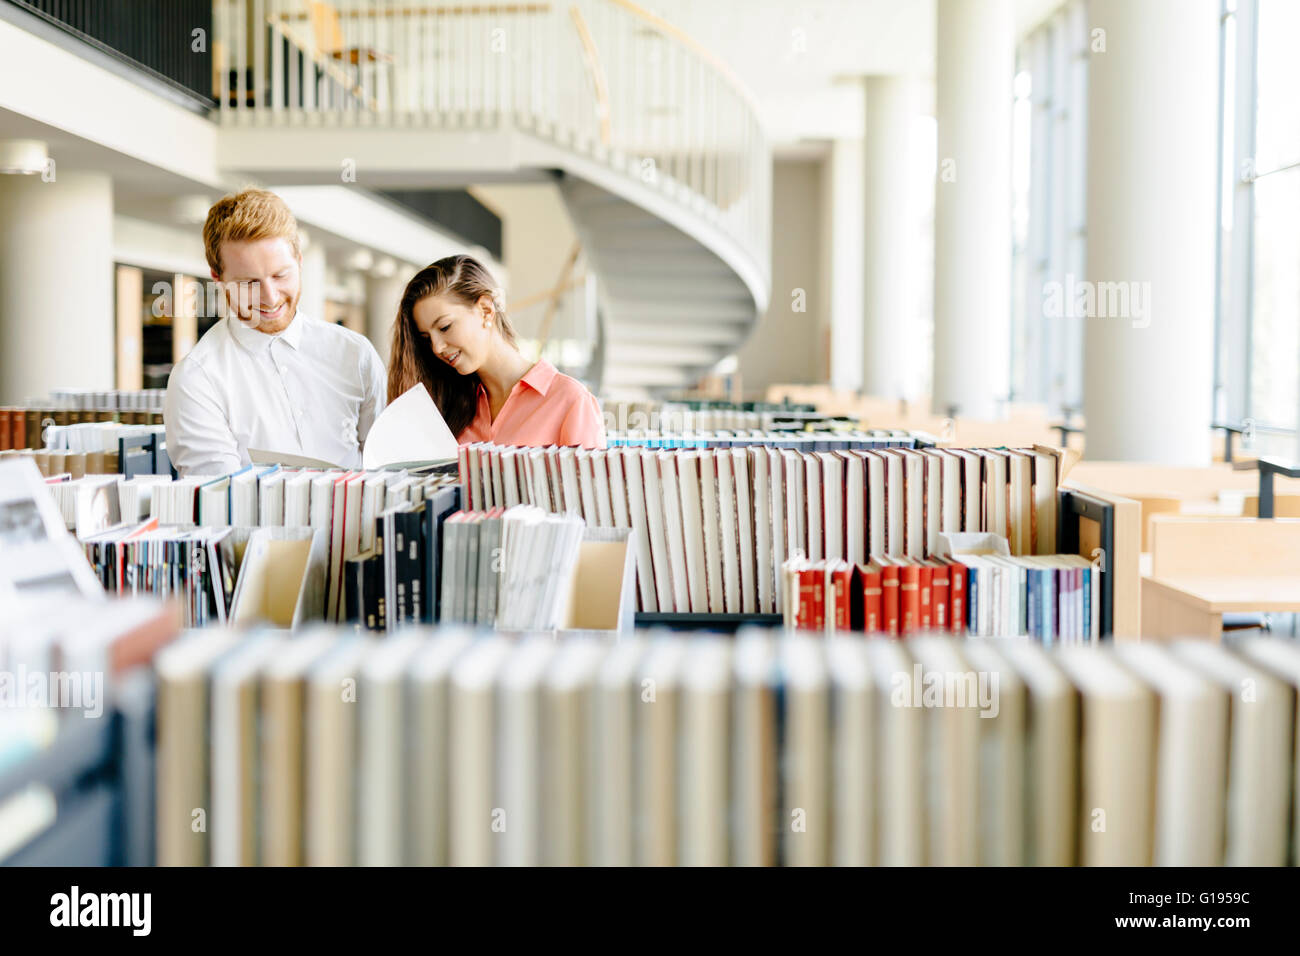 Dos estudiantes inteligentes leyendo y estudiando en la búsqueda a través de toda la biblioteca de libros Imagen De Stock